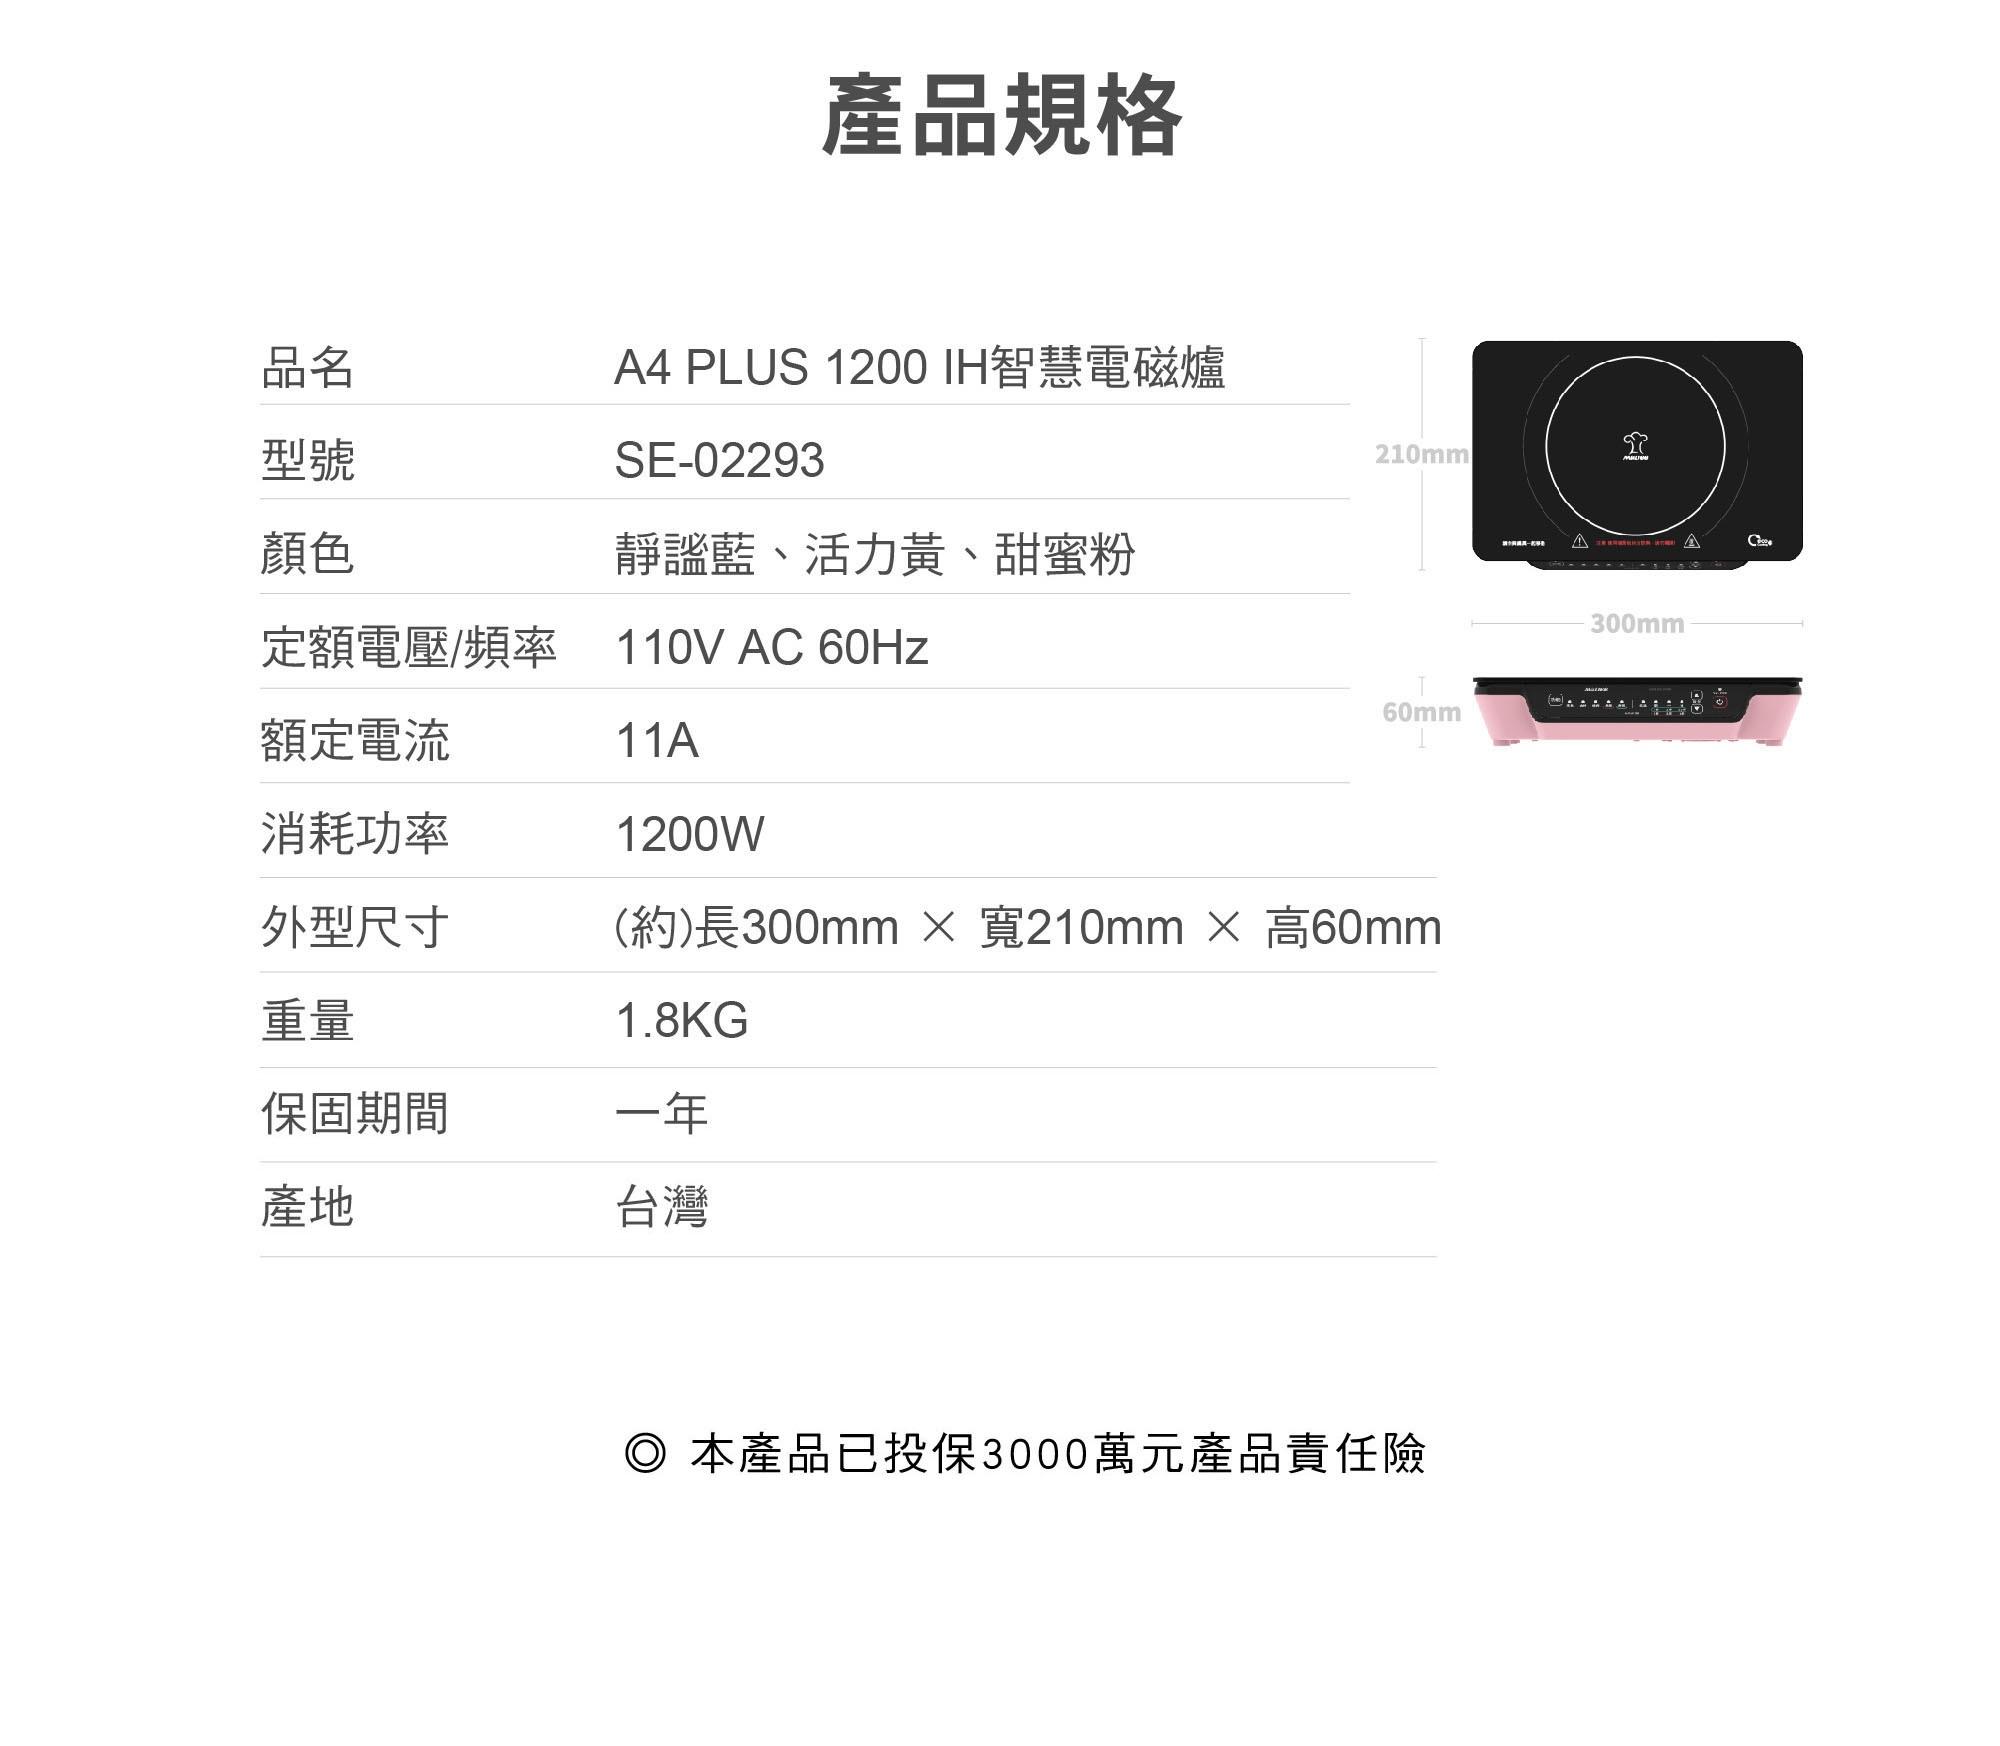 A4 PLUS 1200-15.jpg